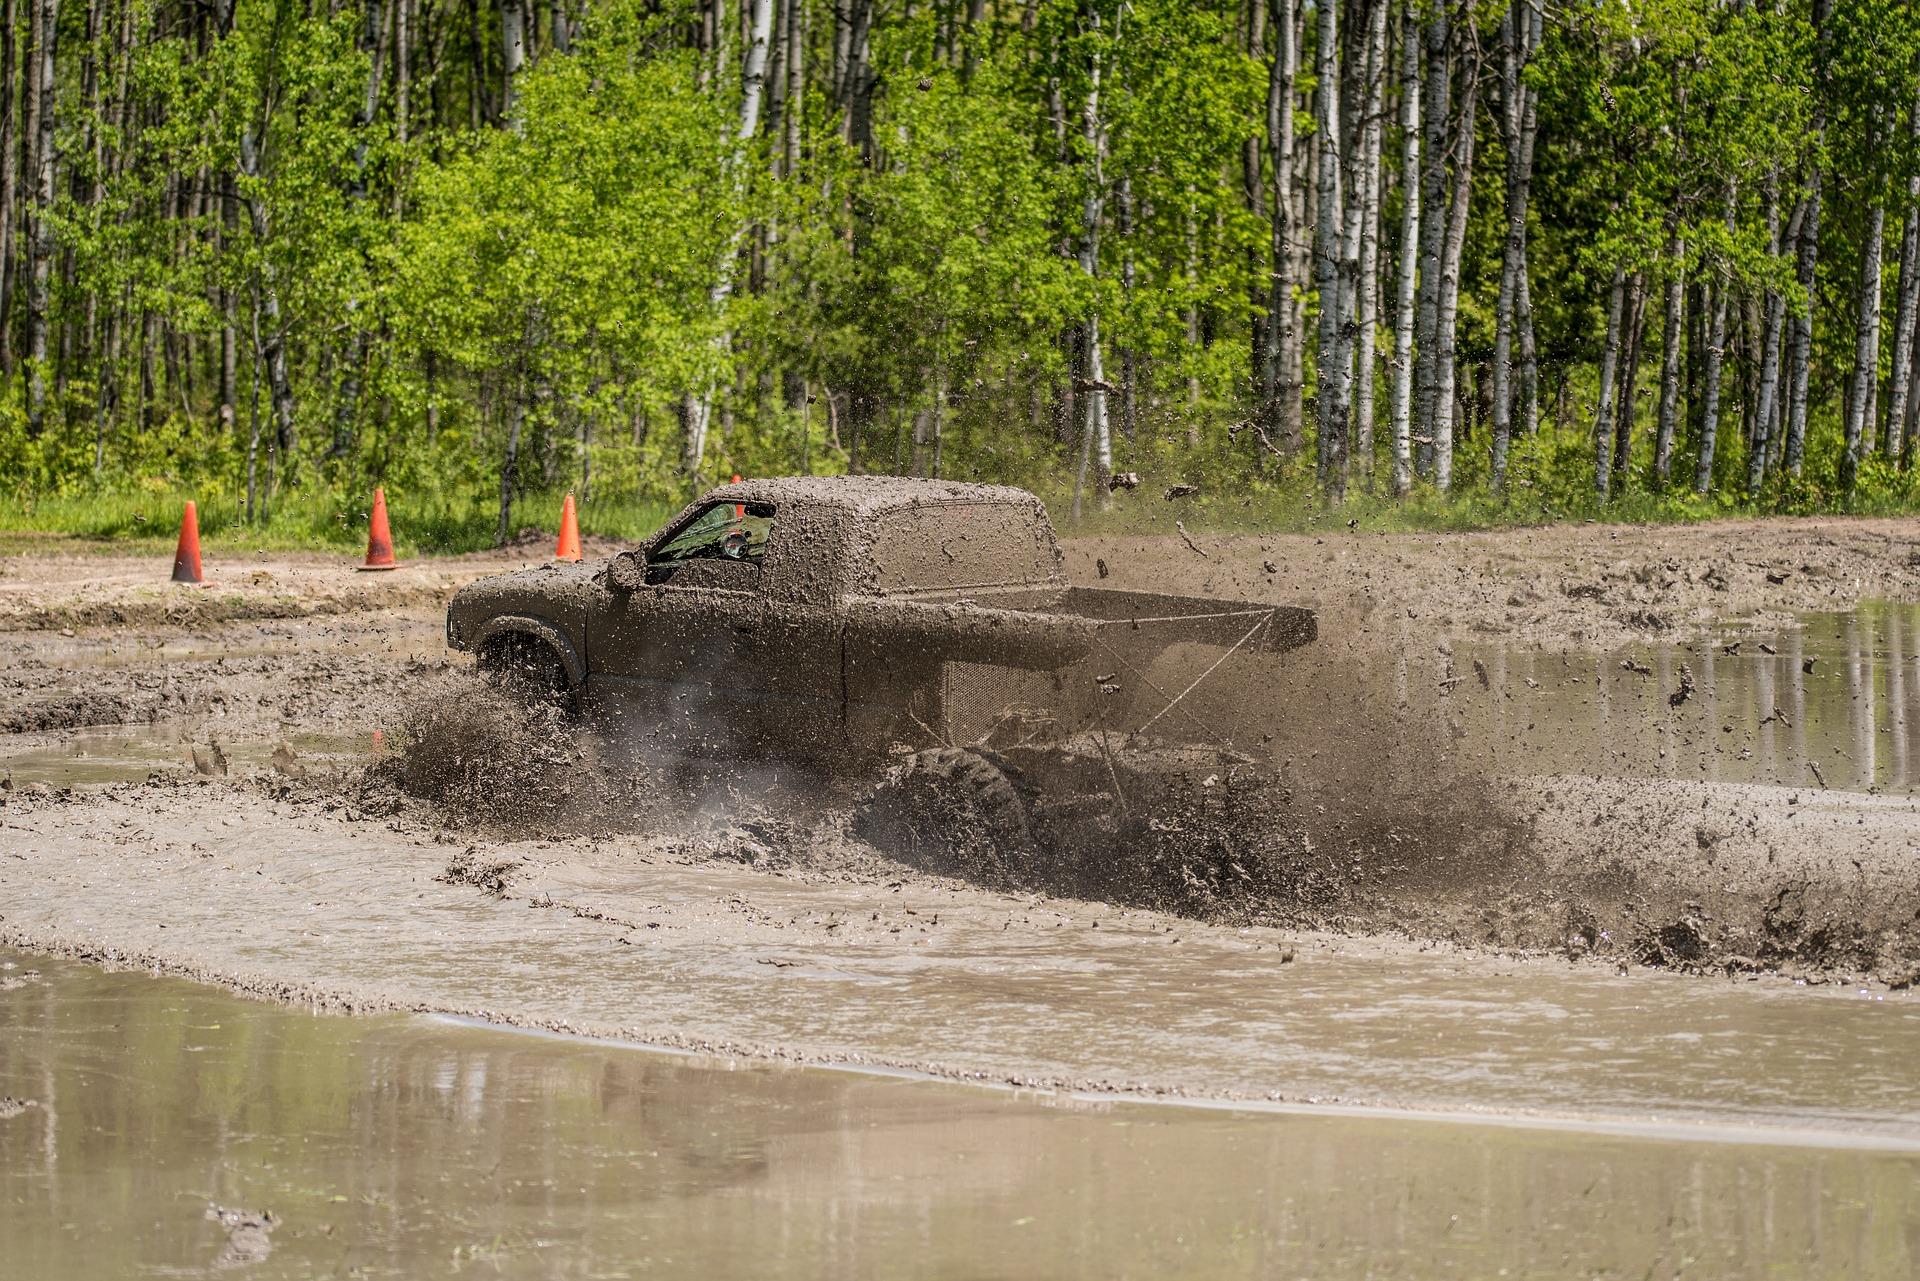 mud bog 2358845 1920 smiths training services mud bog 2358845 1920 smiths training